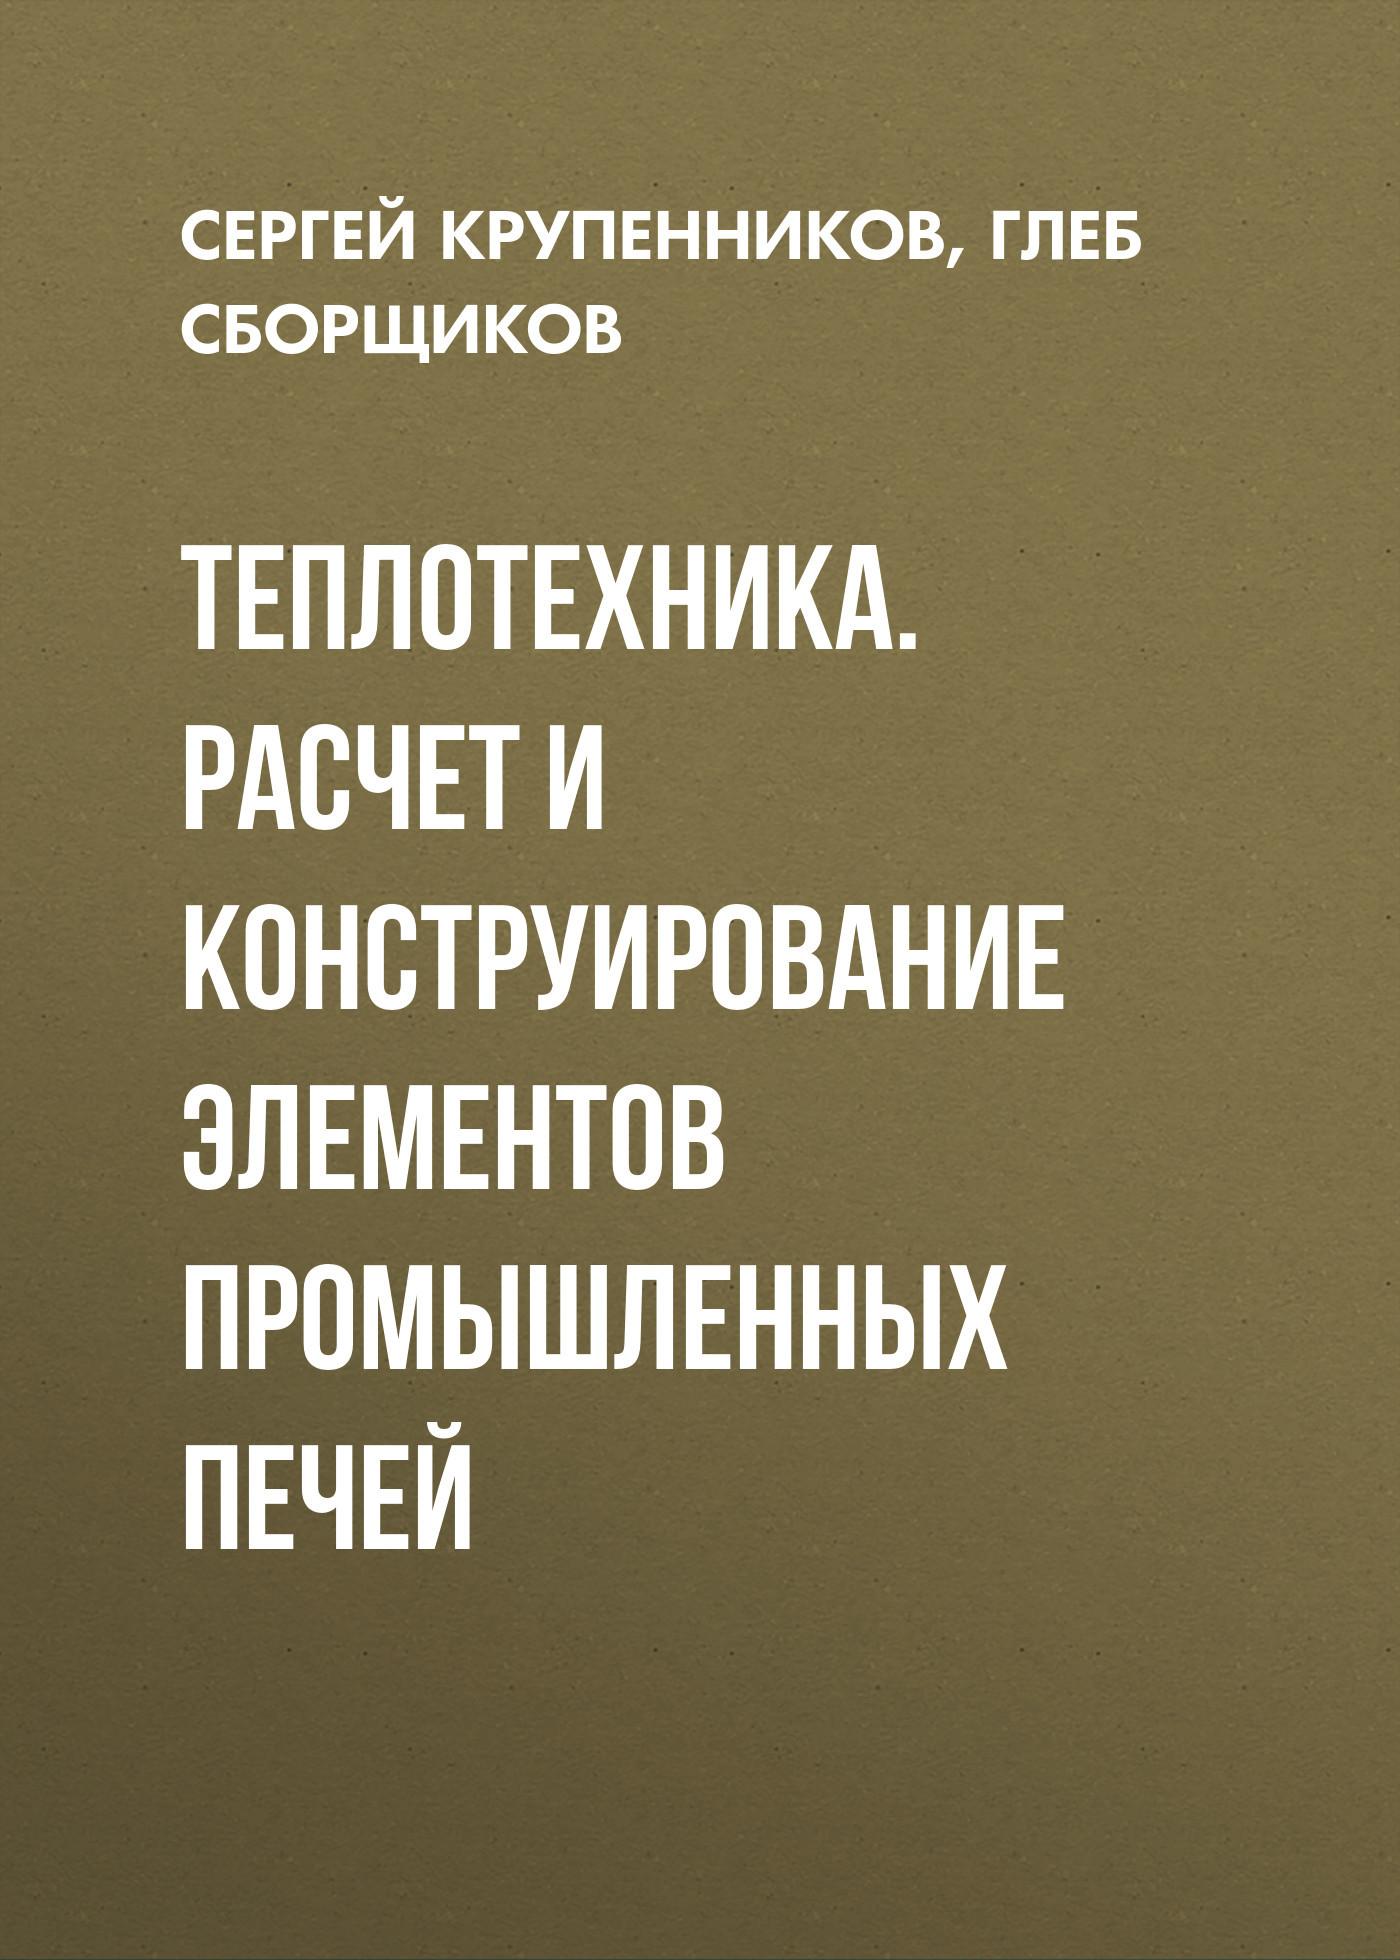 Сергей Крупенников Теплотехника. Расчет и конструирование элементов промышленных печей связь на промышленных предприятиях